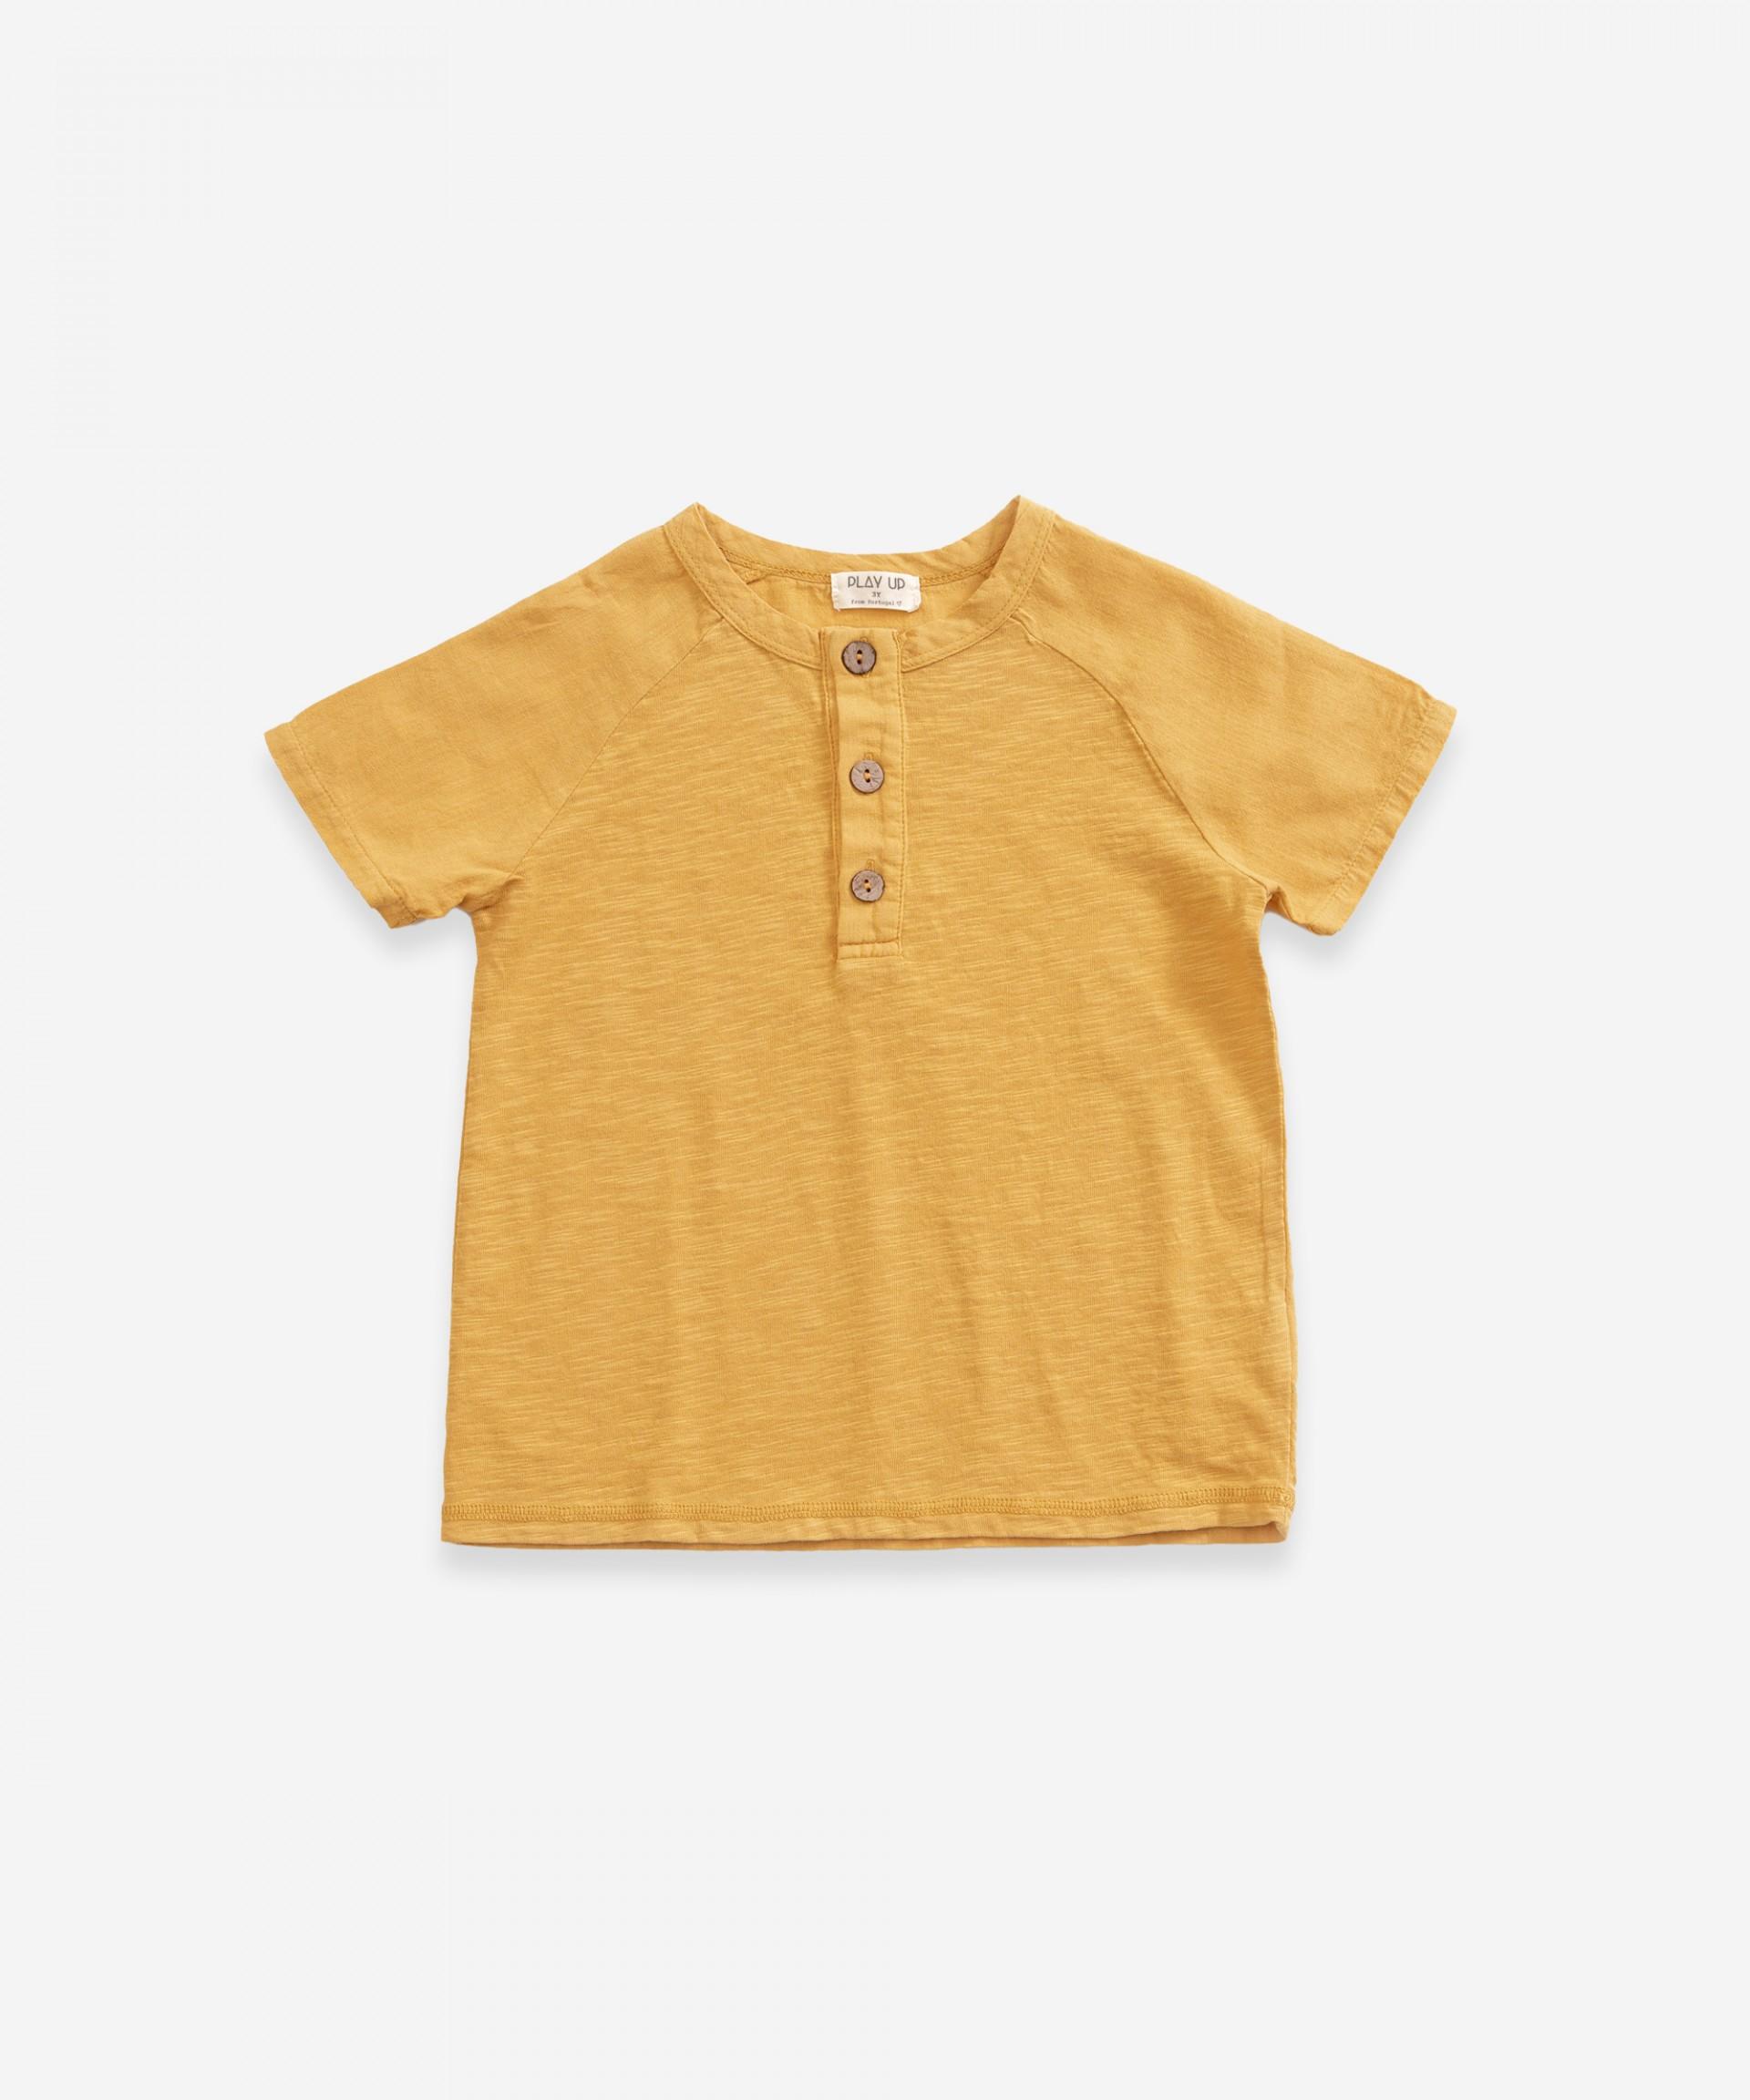 T-shirt em malha e tecido | Weaving